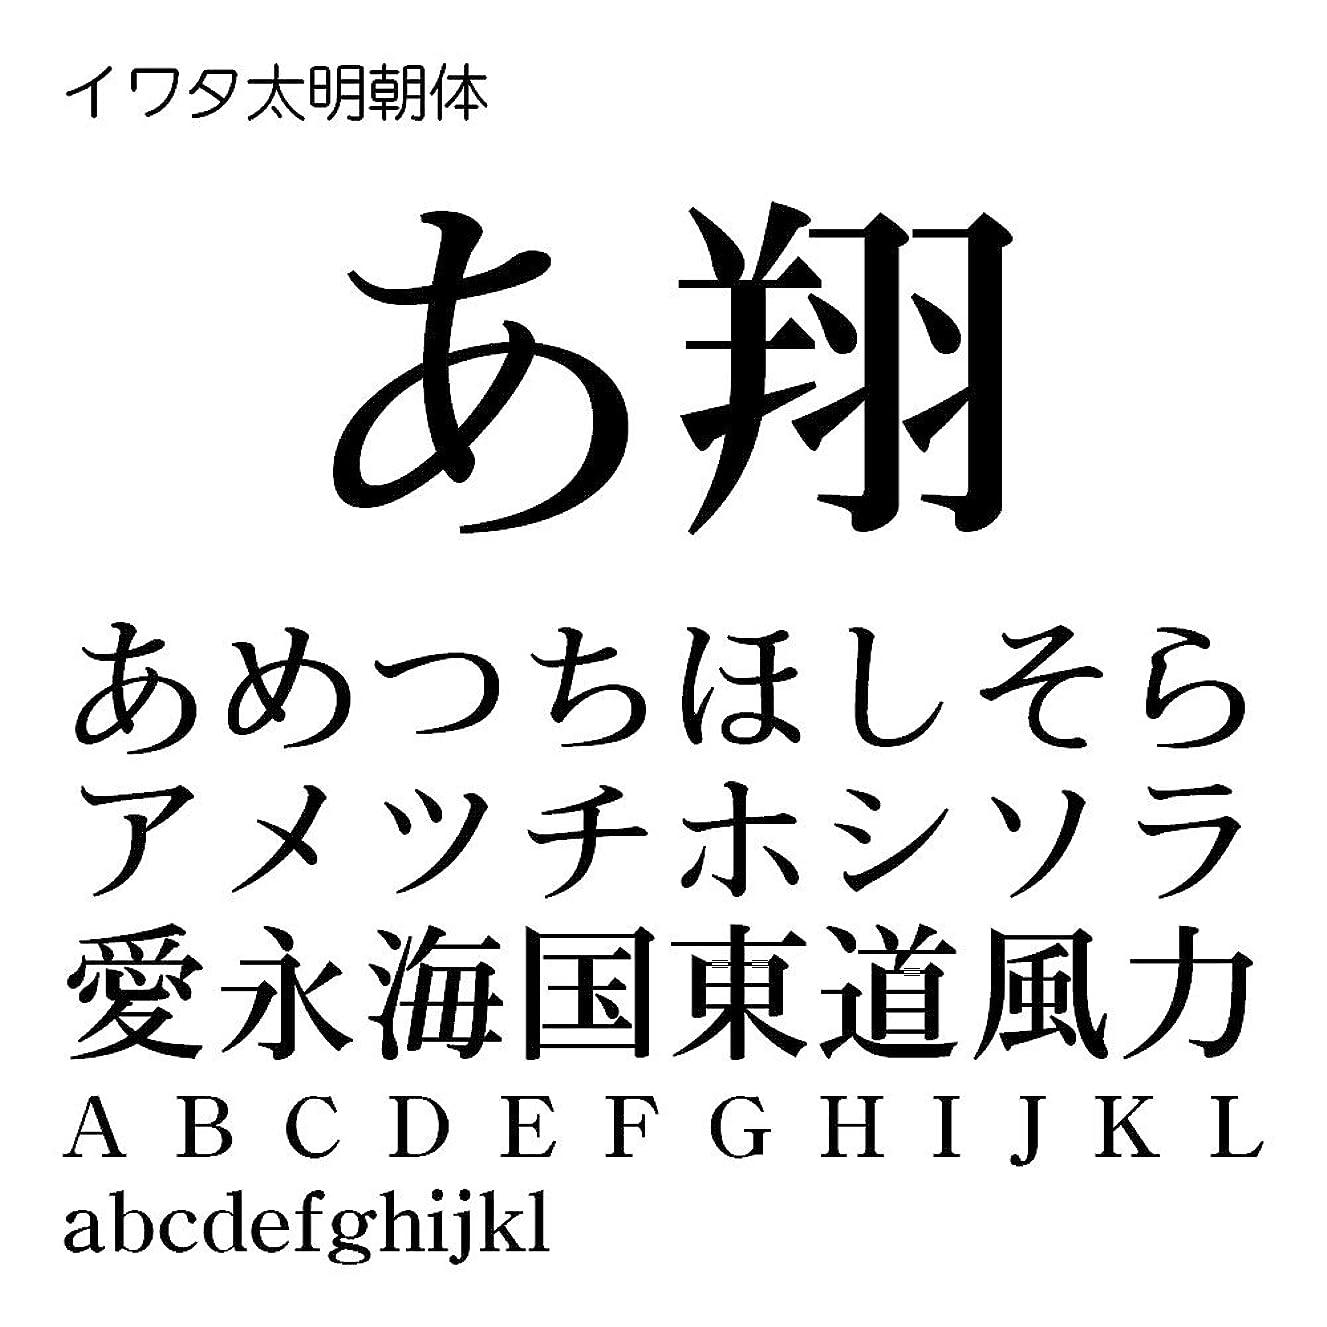 動力学ベットチャンスイワタ太明朝体 TrueType Font for Windows [ダウンロード]